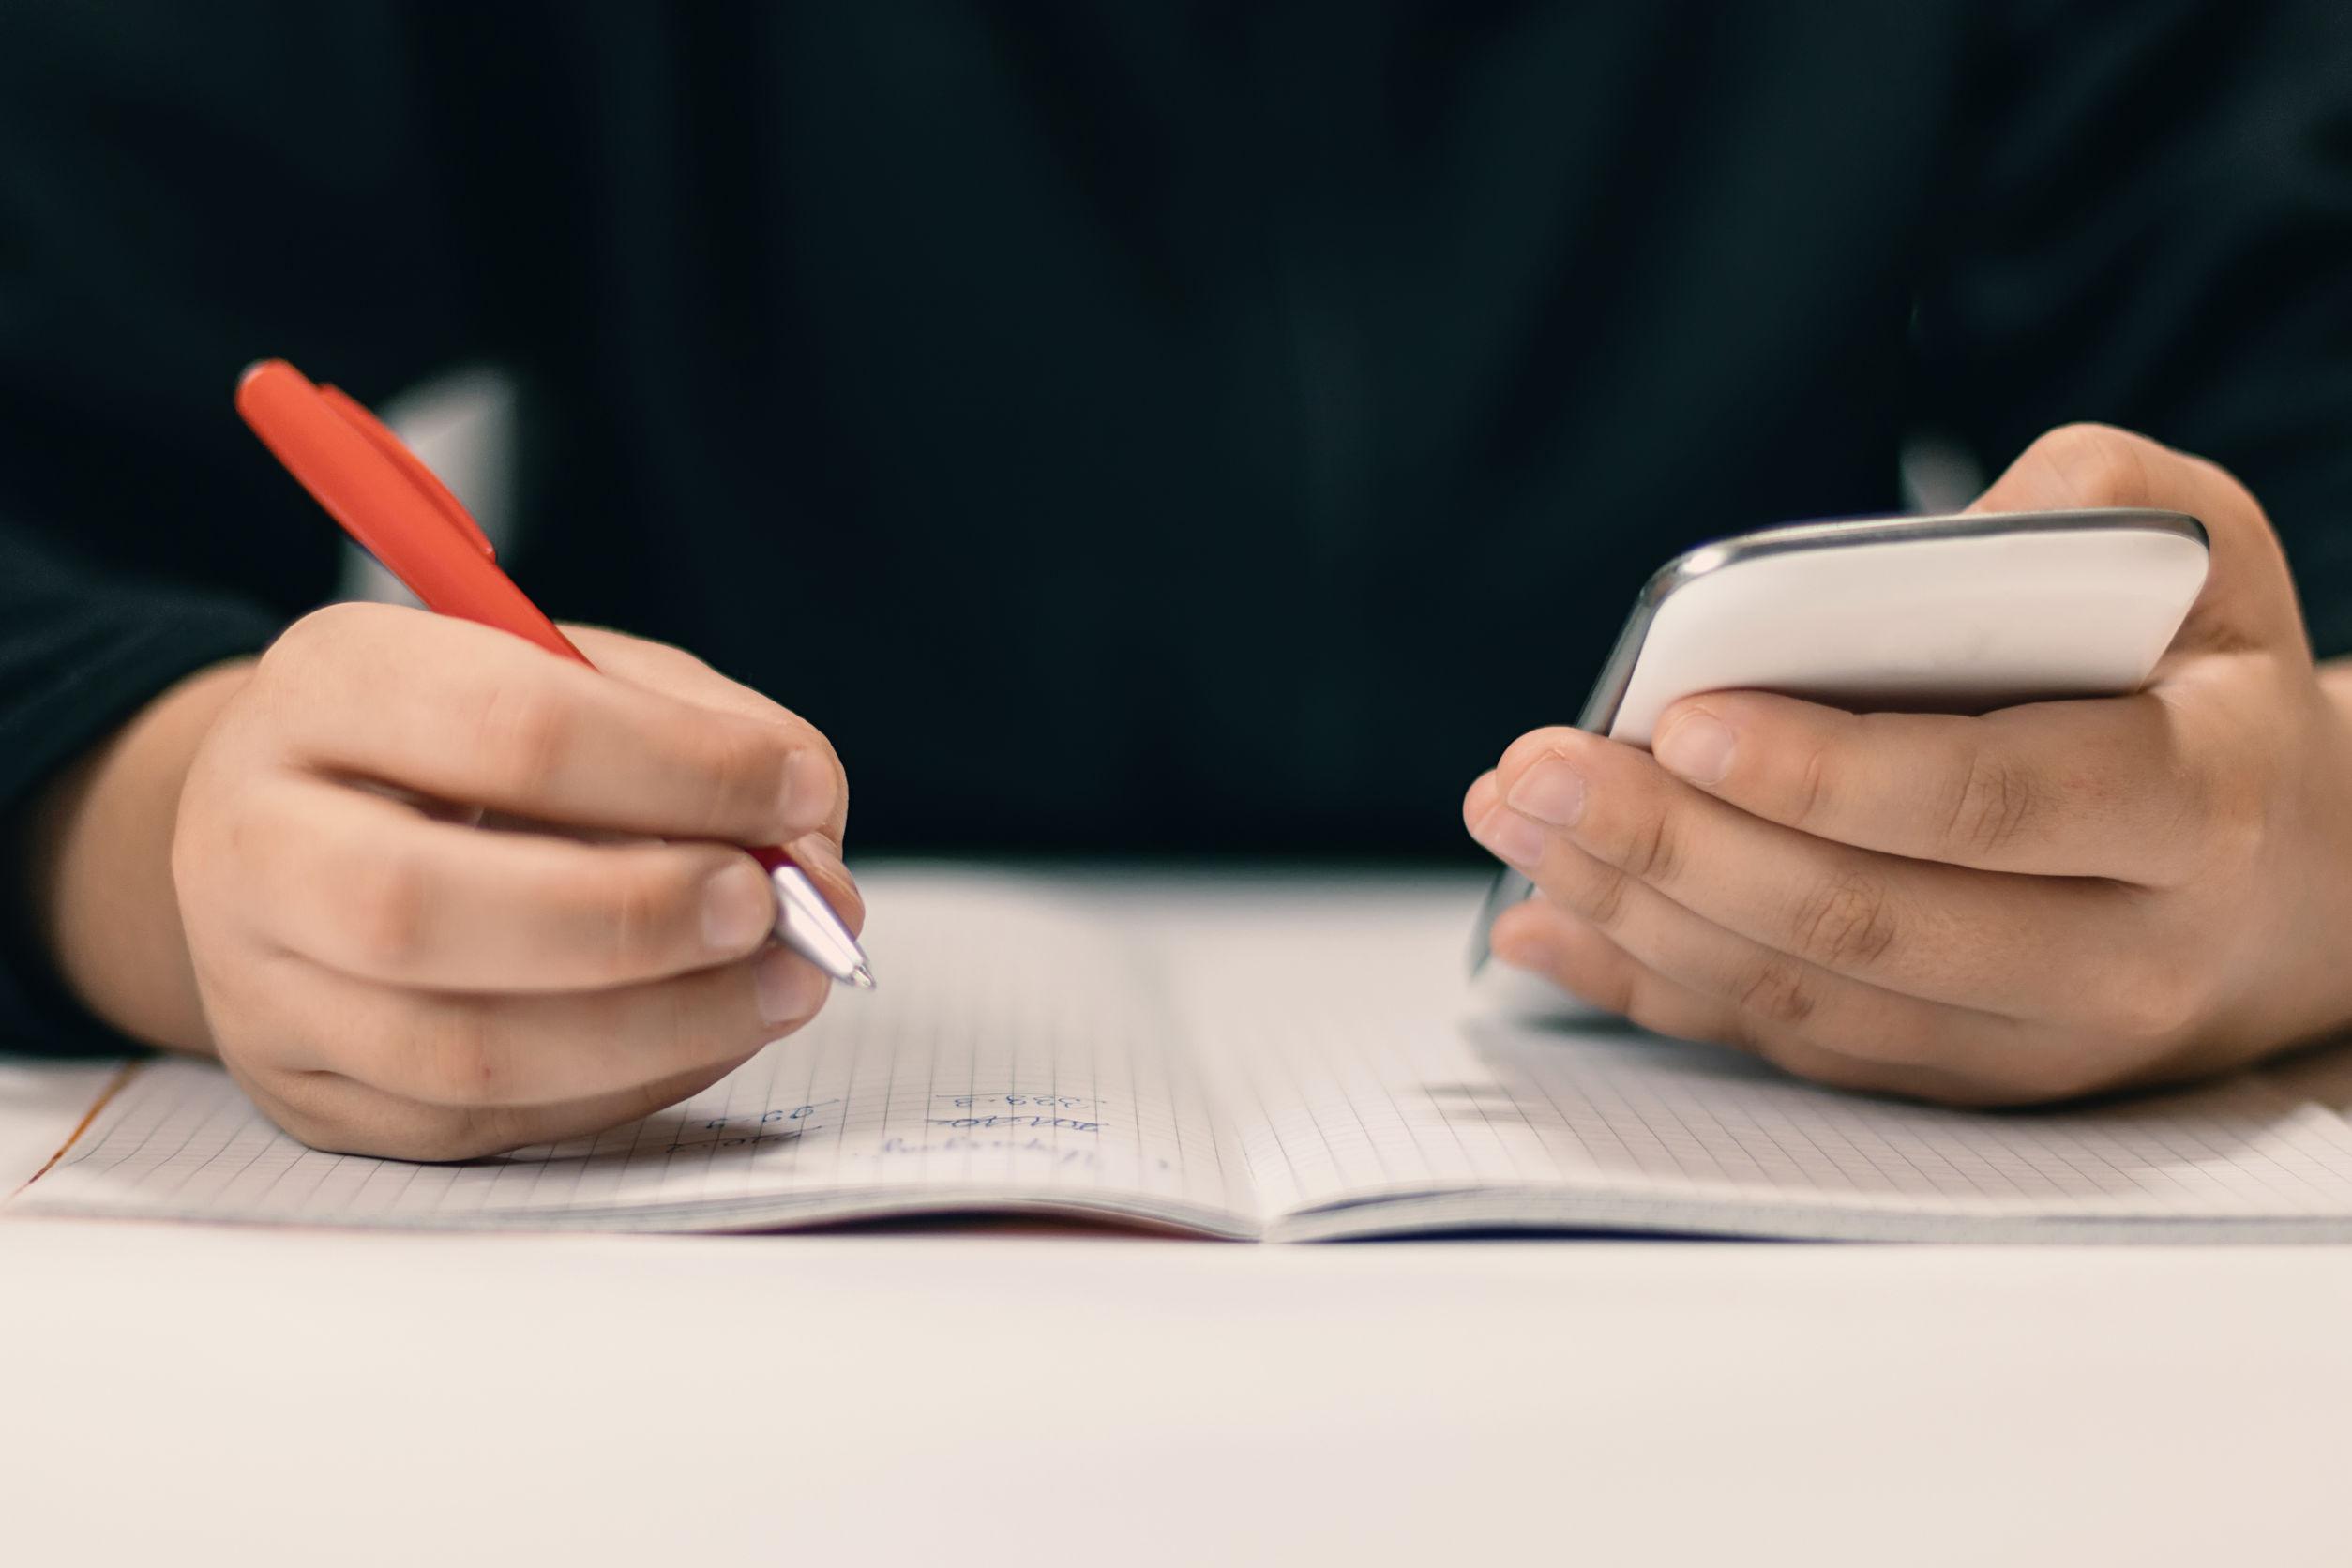 Chico escribiendo con móvil y bolígrafo.